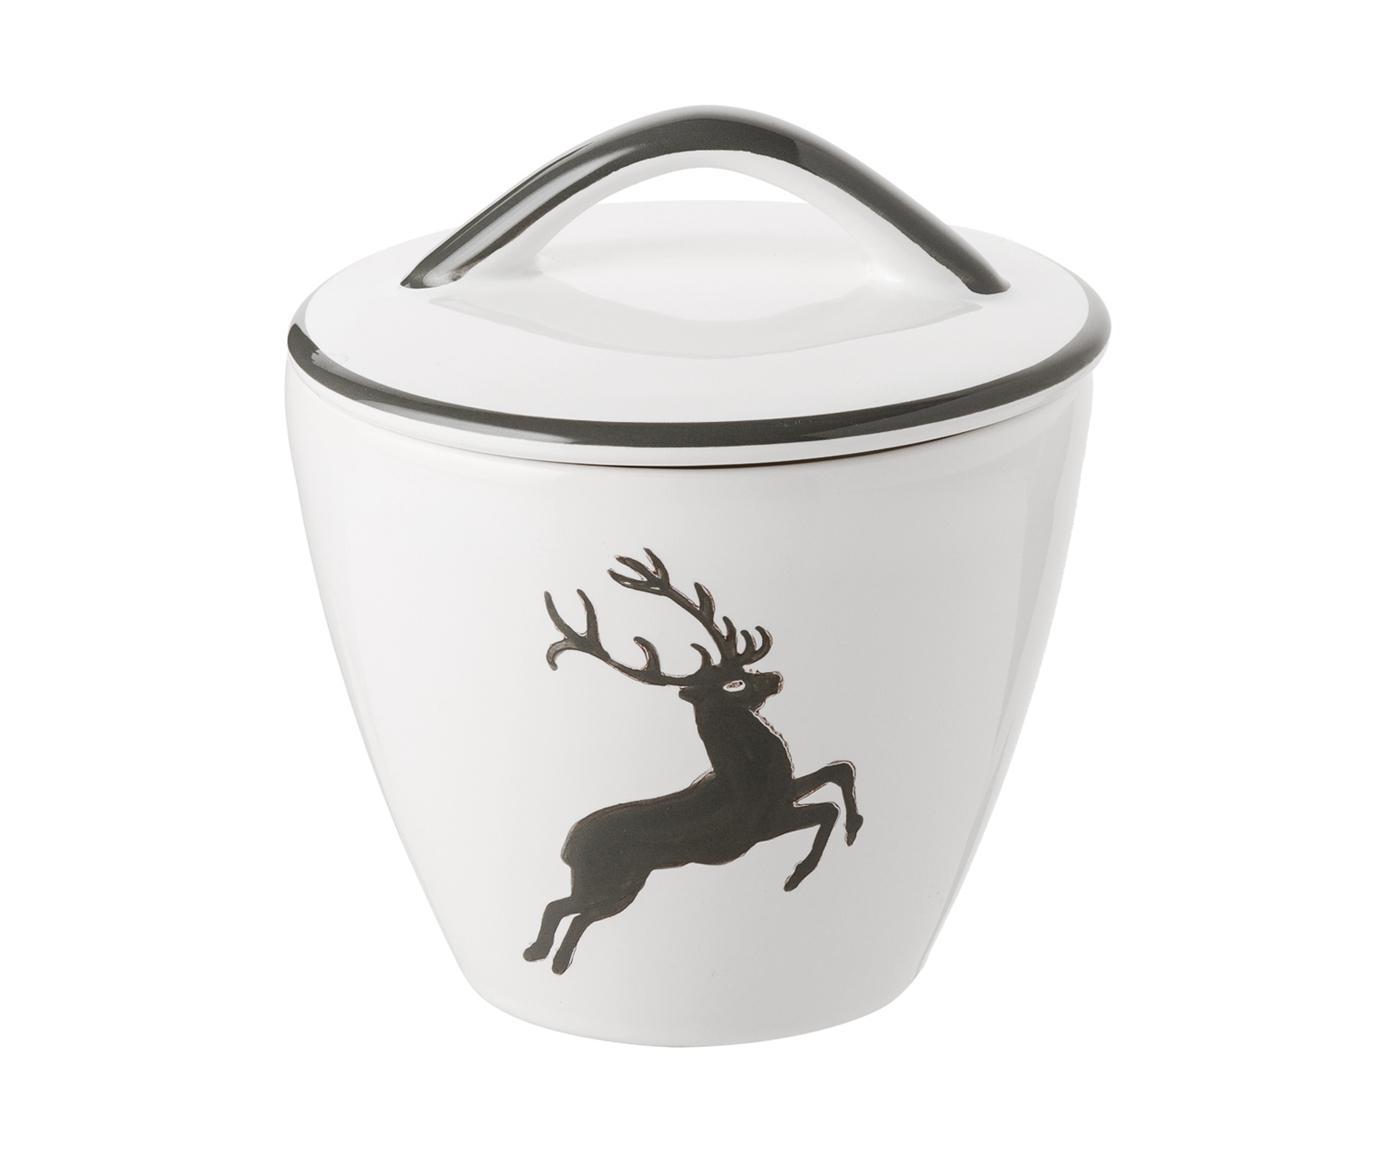 Zuckerdose Gourmet Grauer Hirsch, Keramik, Grau,Weiß, Ø 9 cm